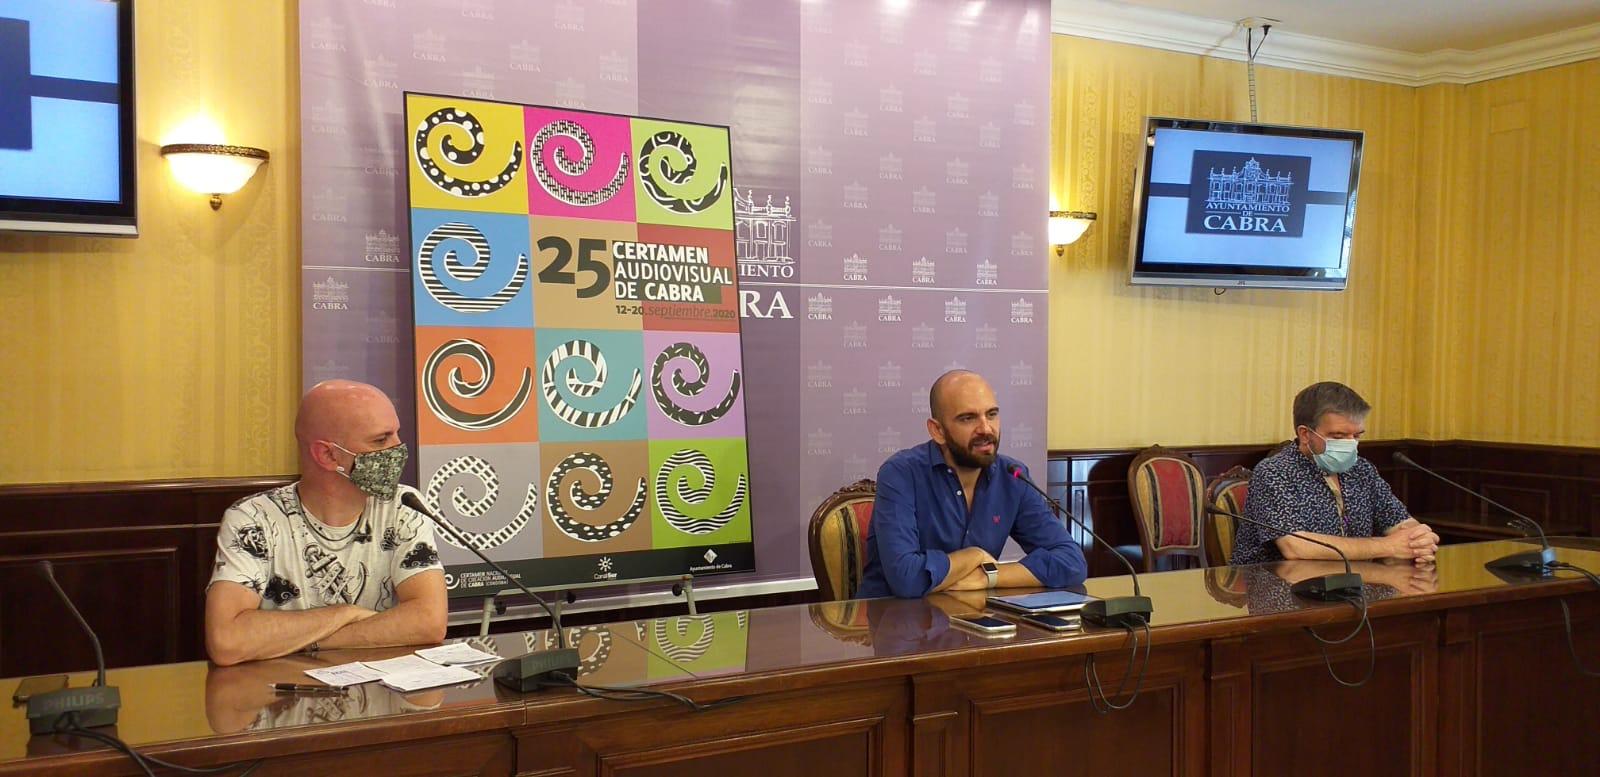 La XXV Edición del Certamen Nacional de Creación Audiovisual de Cabra se celebrará del 12 al 20 de septiembre